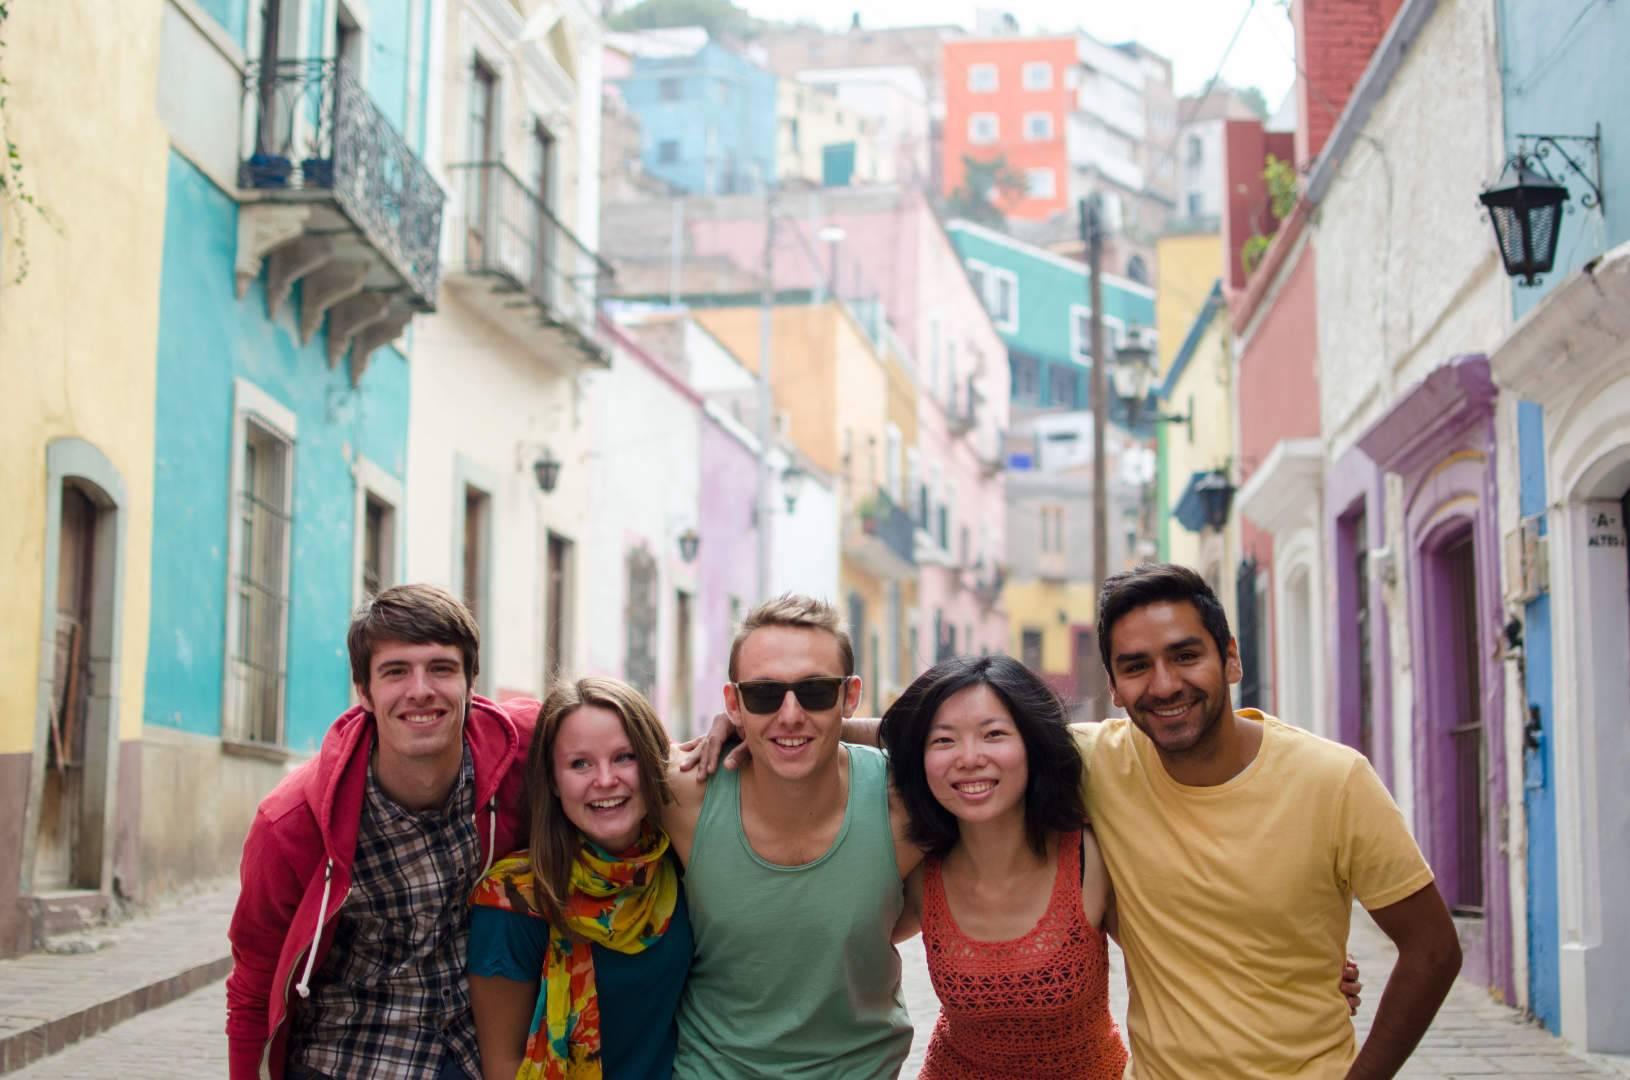 Курсы испанского языка: учим язык с носителями из разных стран мира. испания по-русски - все о жизни в испании